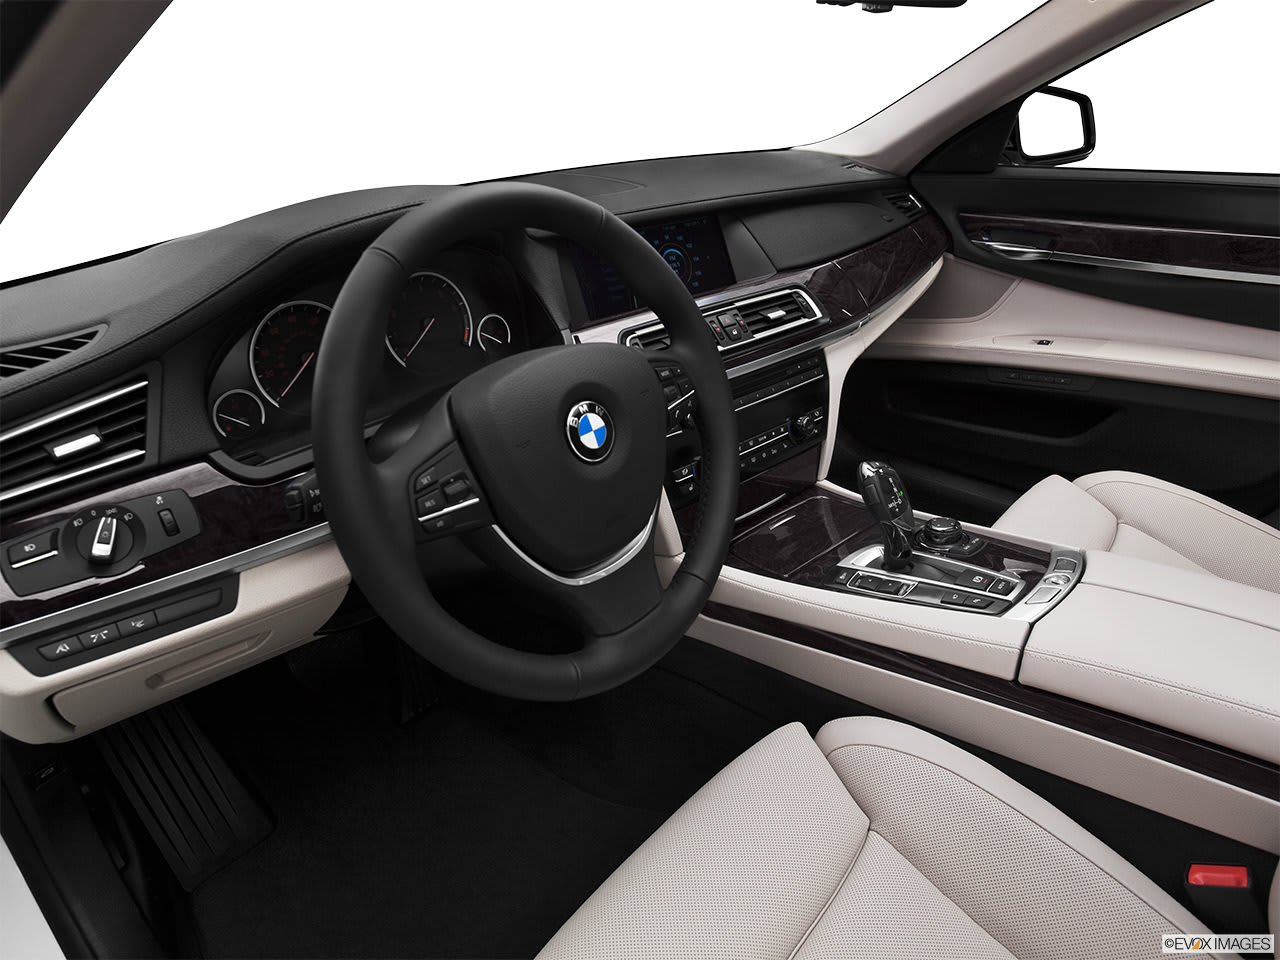 bmw active hybrid 5 2012 interior